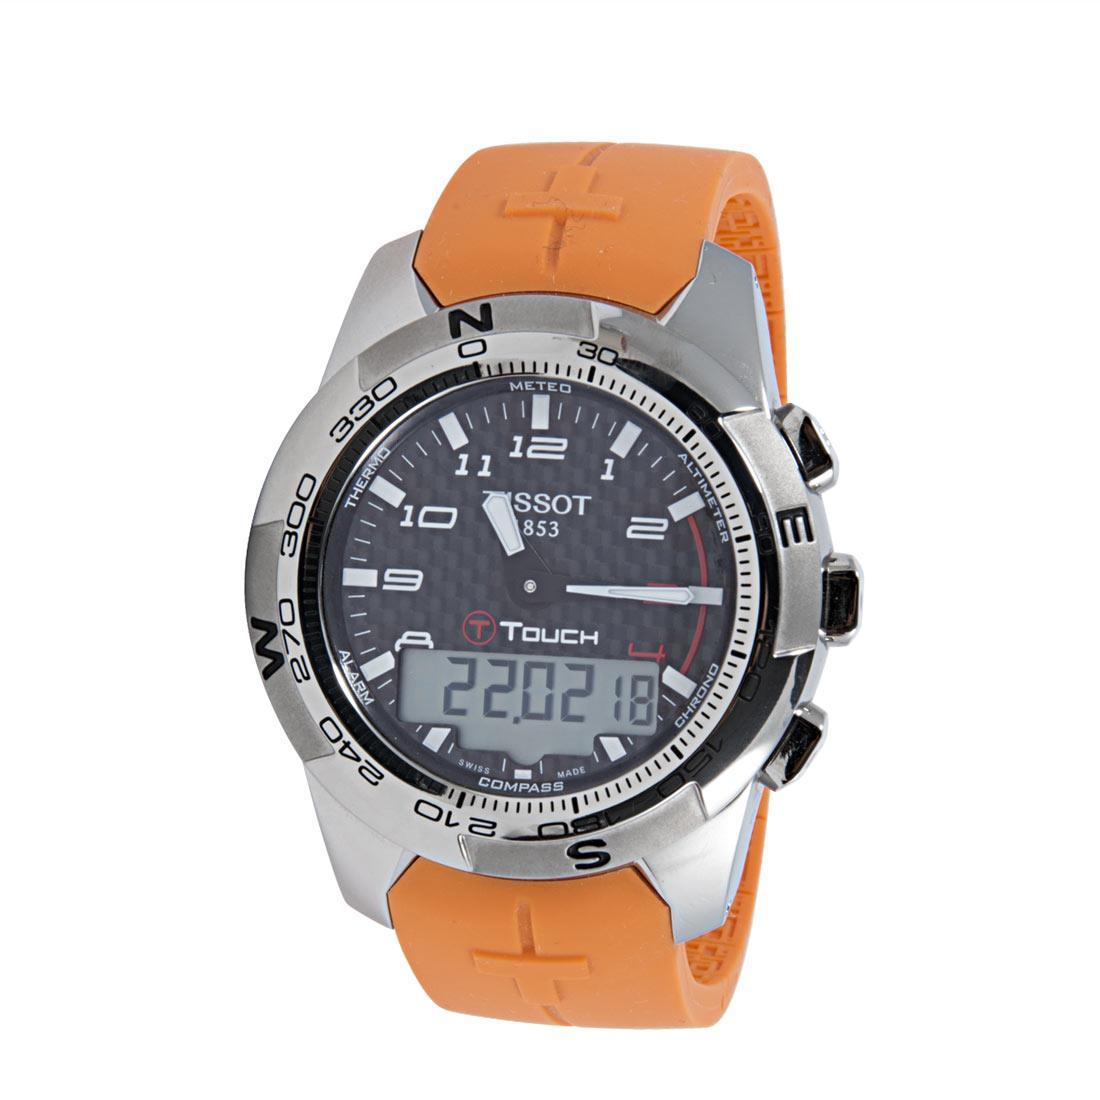 Orologio Tissot T- Touch  cassa 42.7 mm - TISSOT